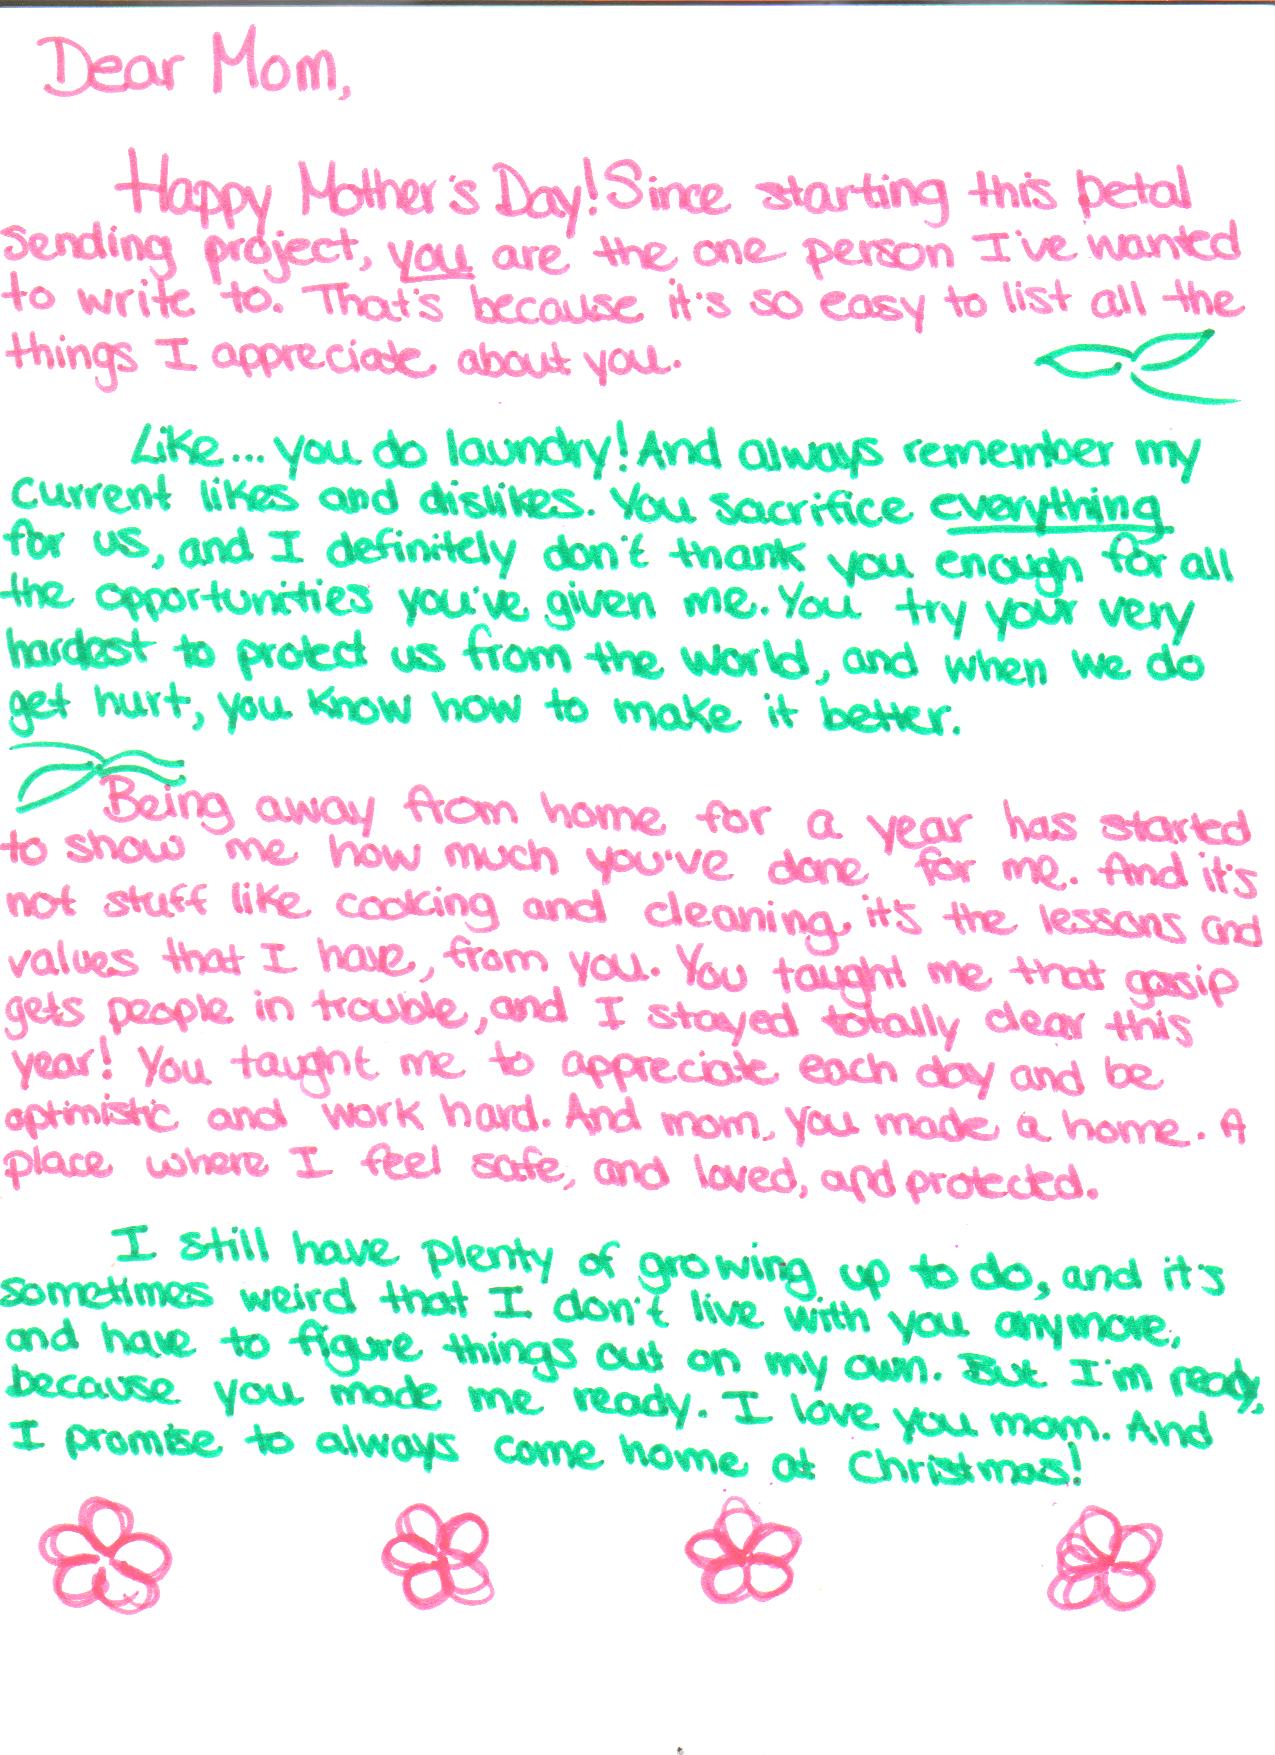 Sending Petals Page 9